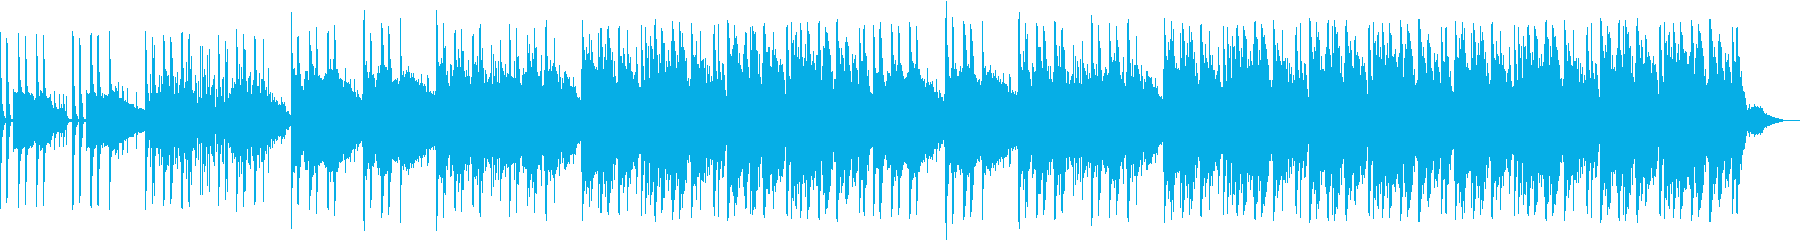 EDM  Track 15の再生済みの波形